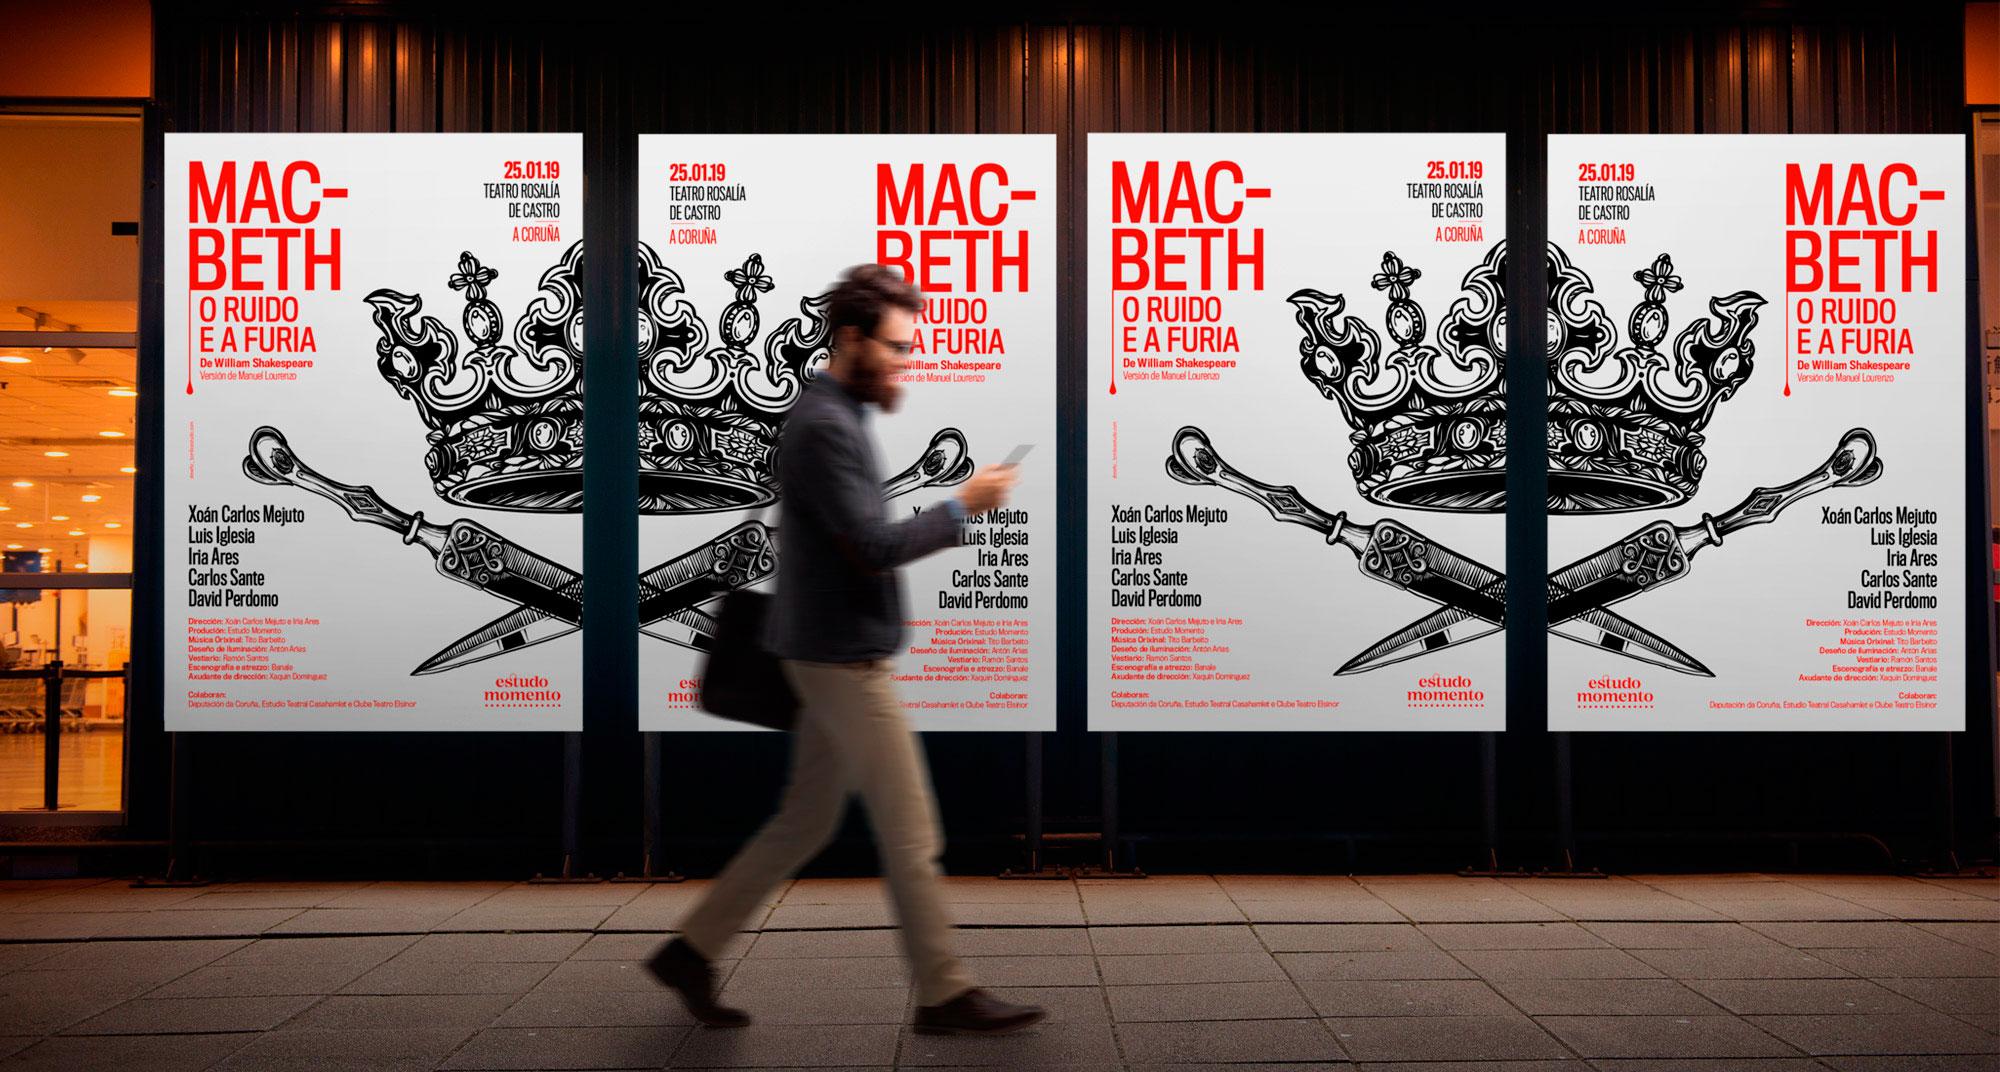 Cartel promocional de obra de teatro Macbeth en gallego